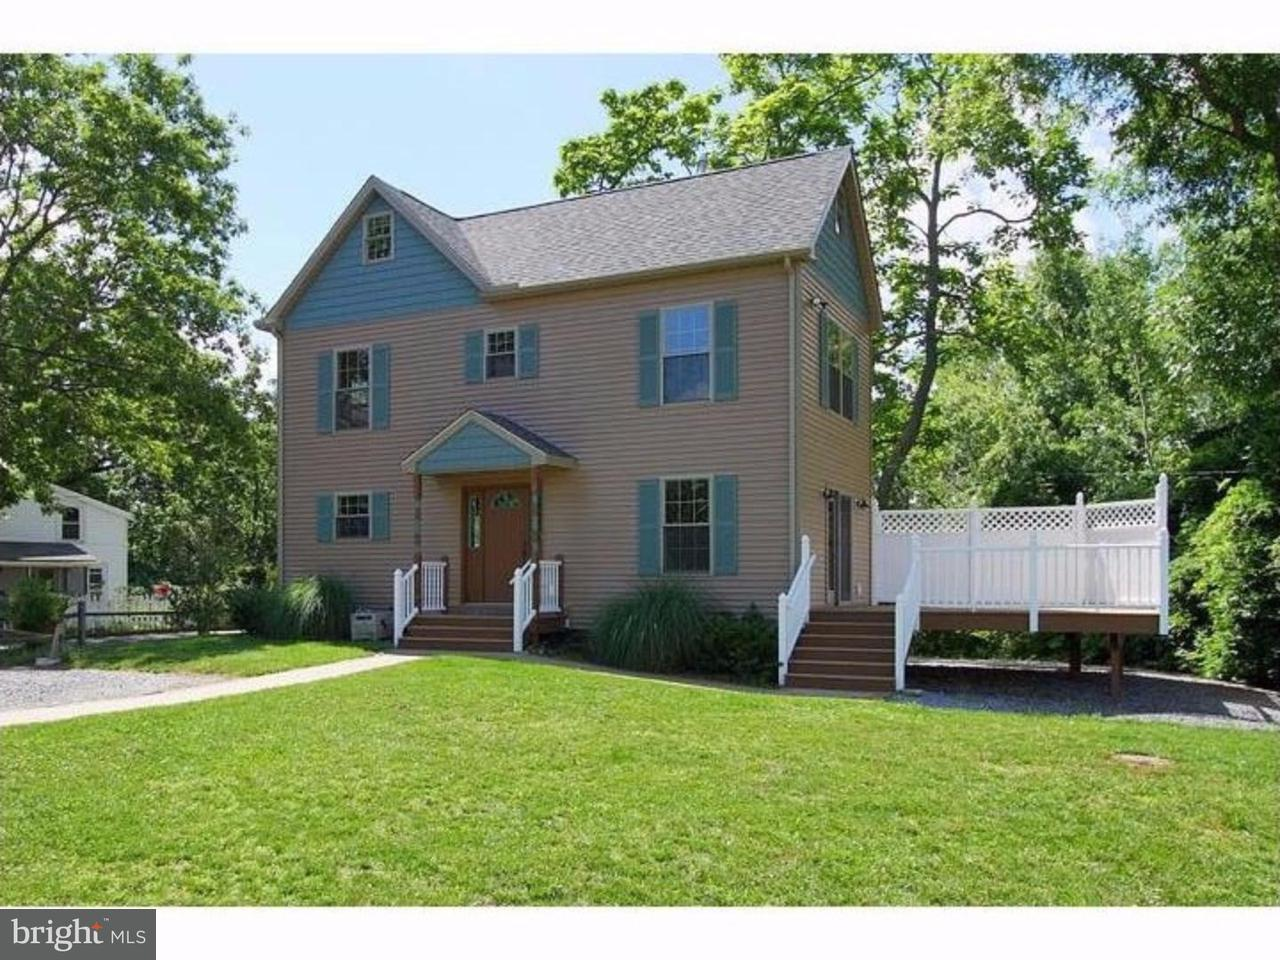 Nhà ở một gia đình vì Bán tại 53 S BRIDGEPORT Road Bridgeport, New Jersey 08014 Hoa Kỳ